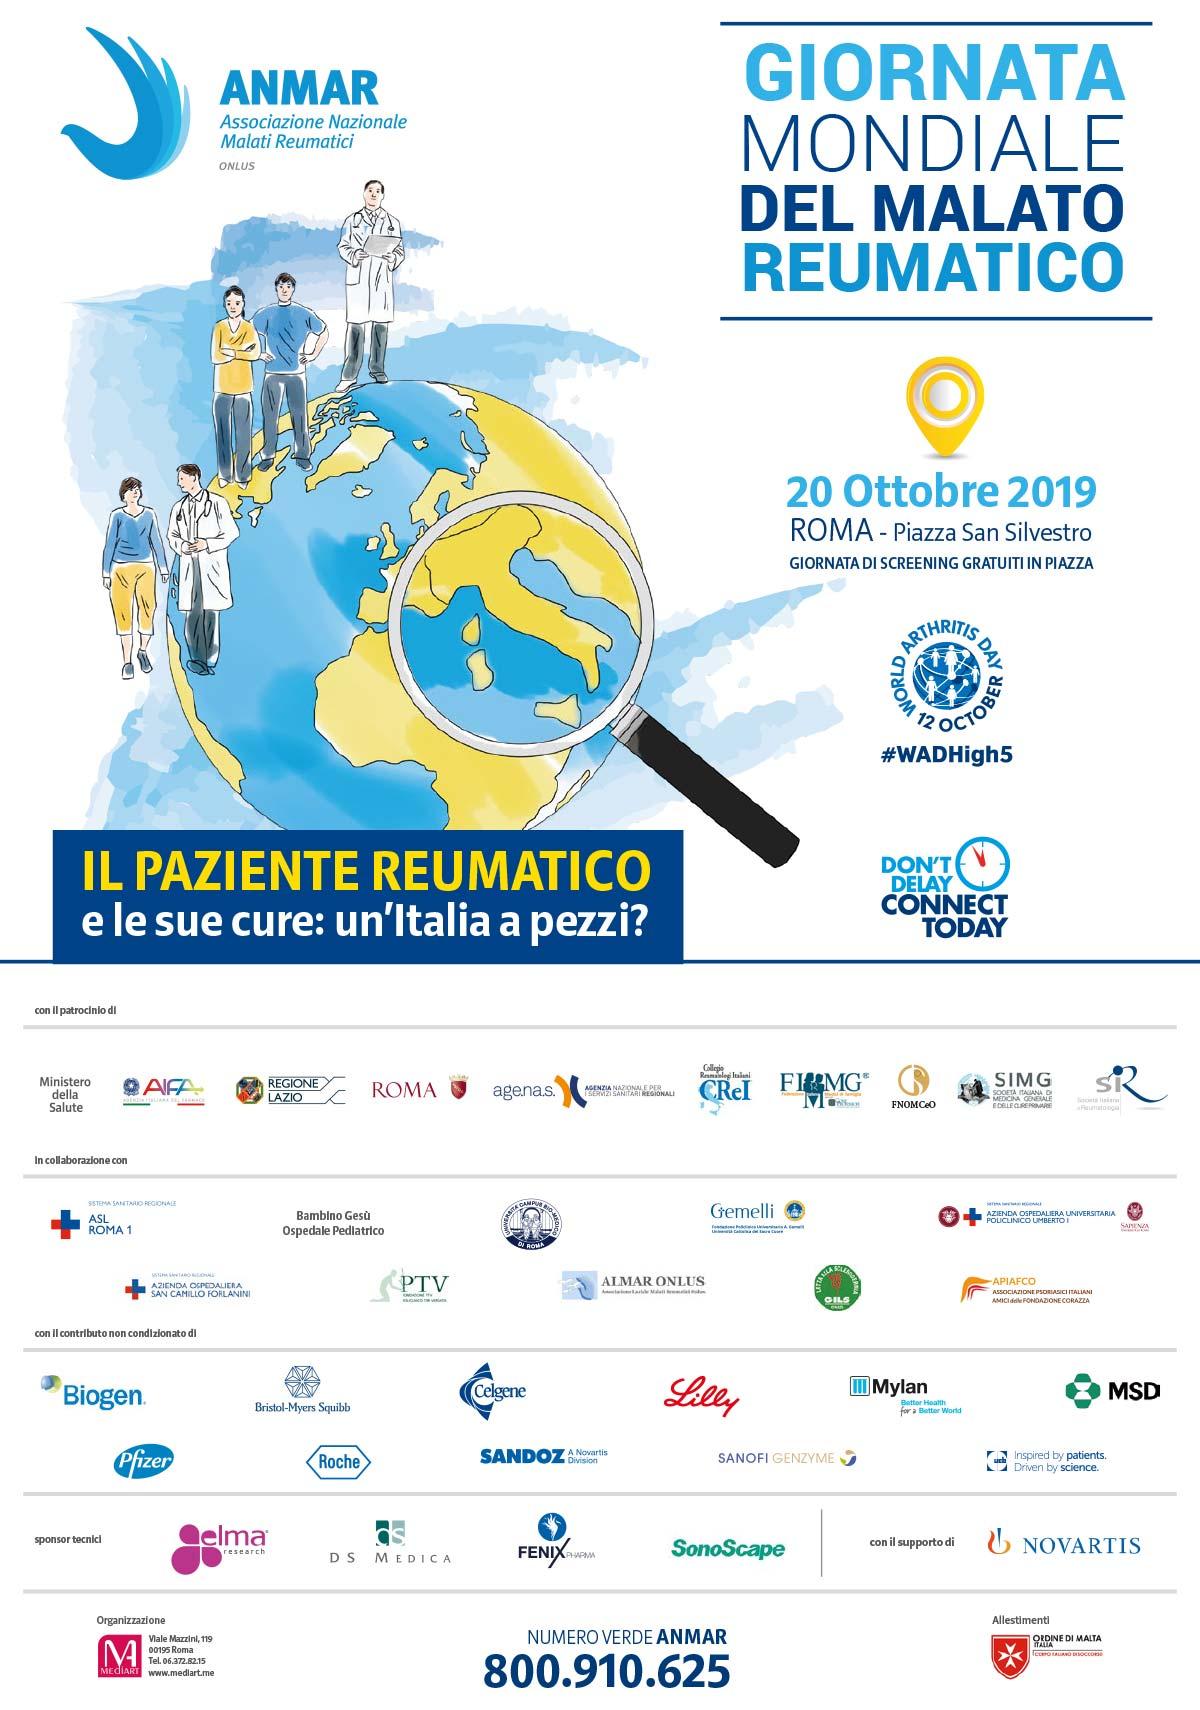 ANMAR.Giornata-Mondiale-del-Reumatico-2019.poster